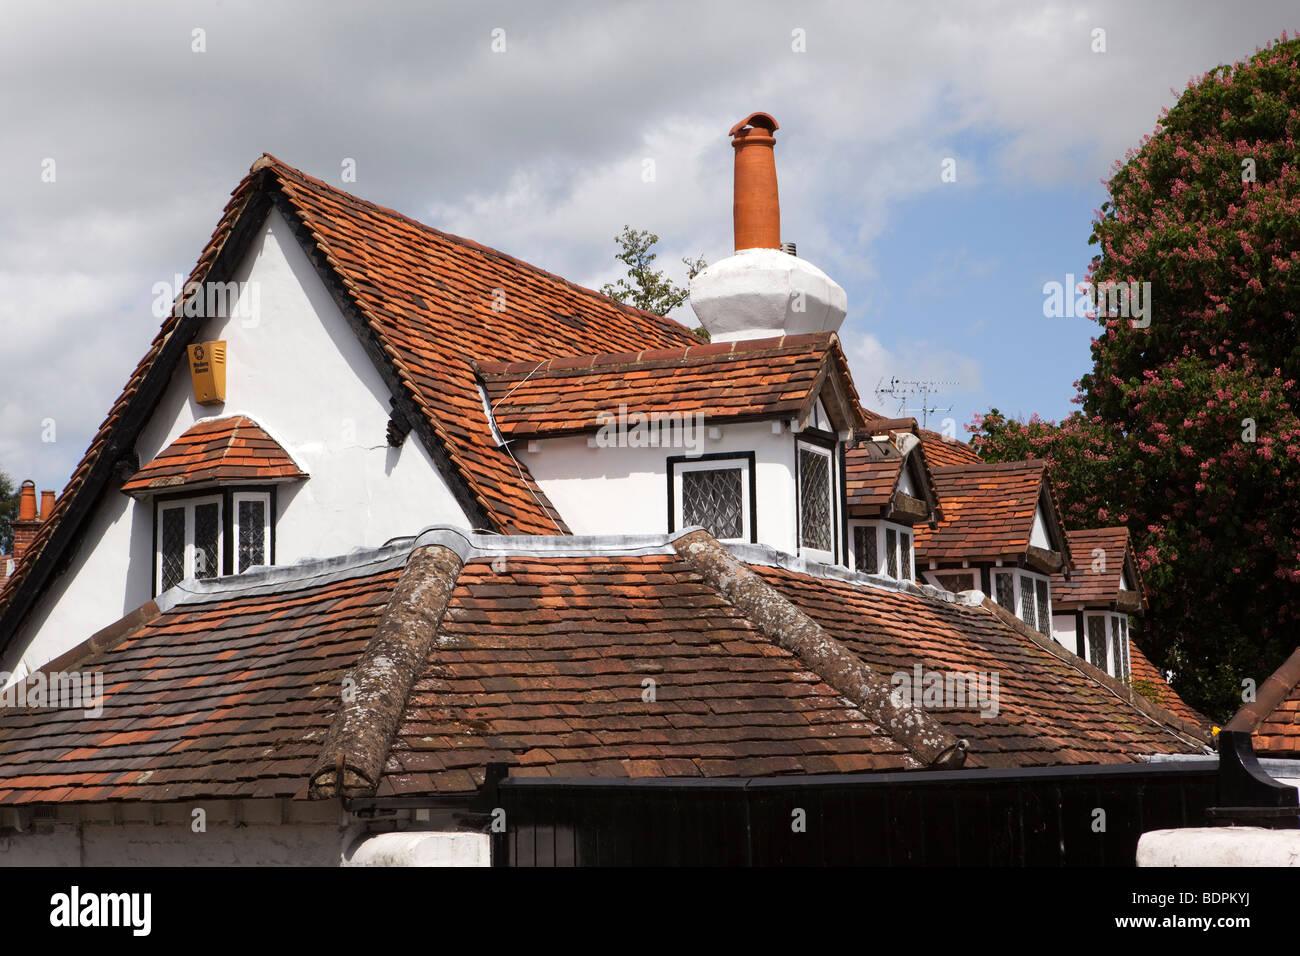 Inghilterra, Berkshire, Bray Village, High Street, rosso distintivo rosmarino piastrellato sul tetto della casa Foto Stock